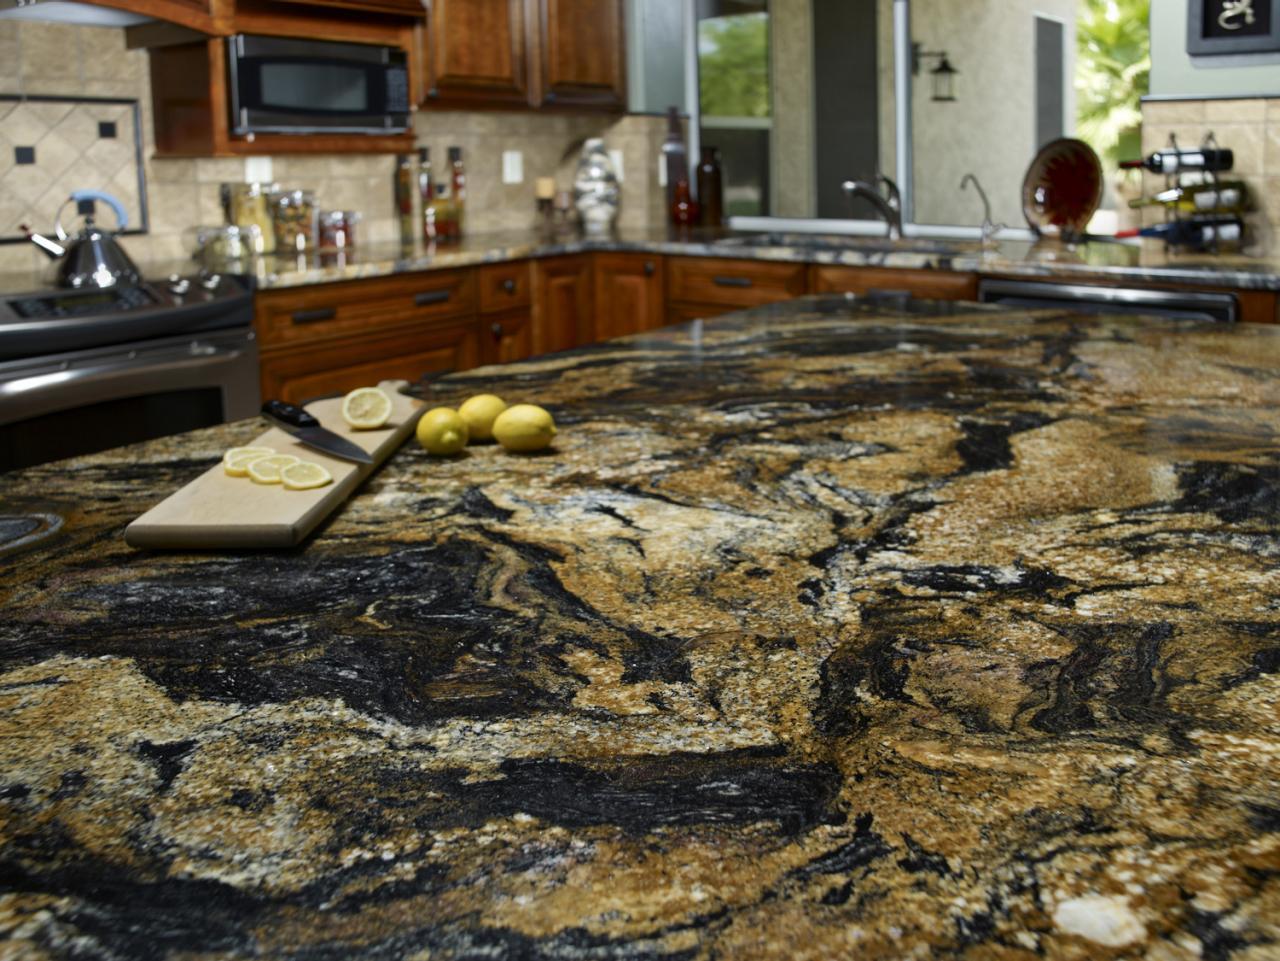 granite kitchen countertops pics photo - 1